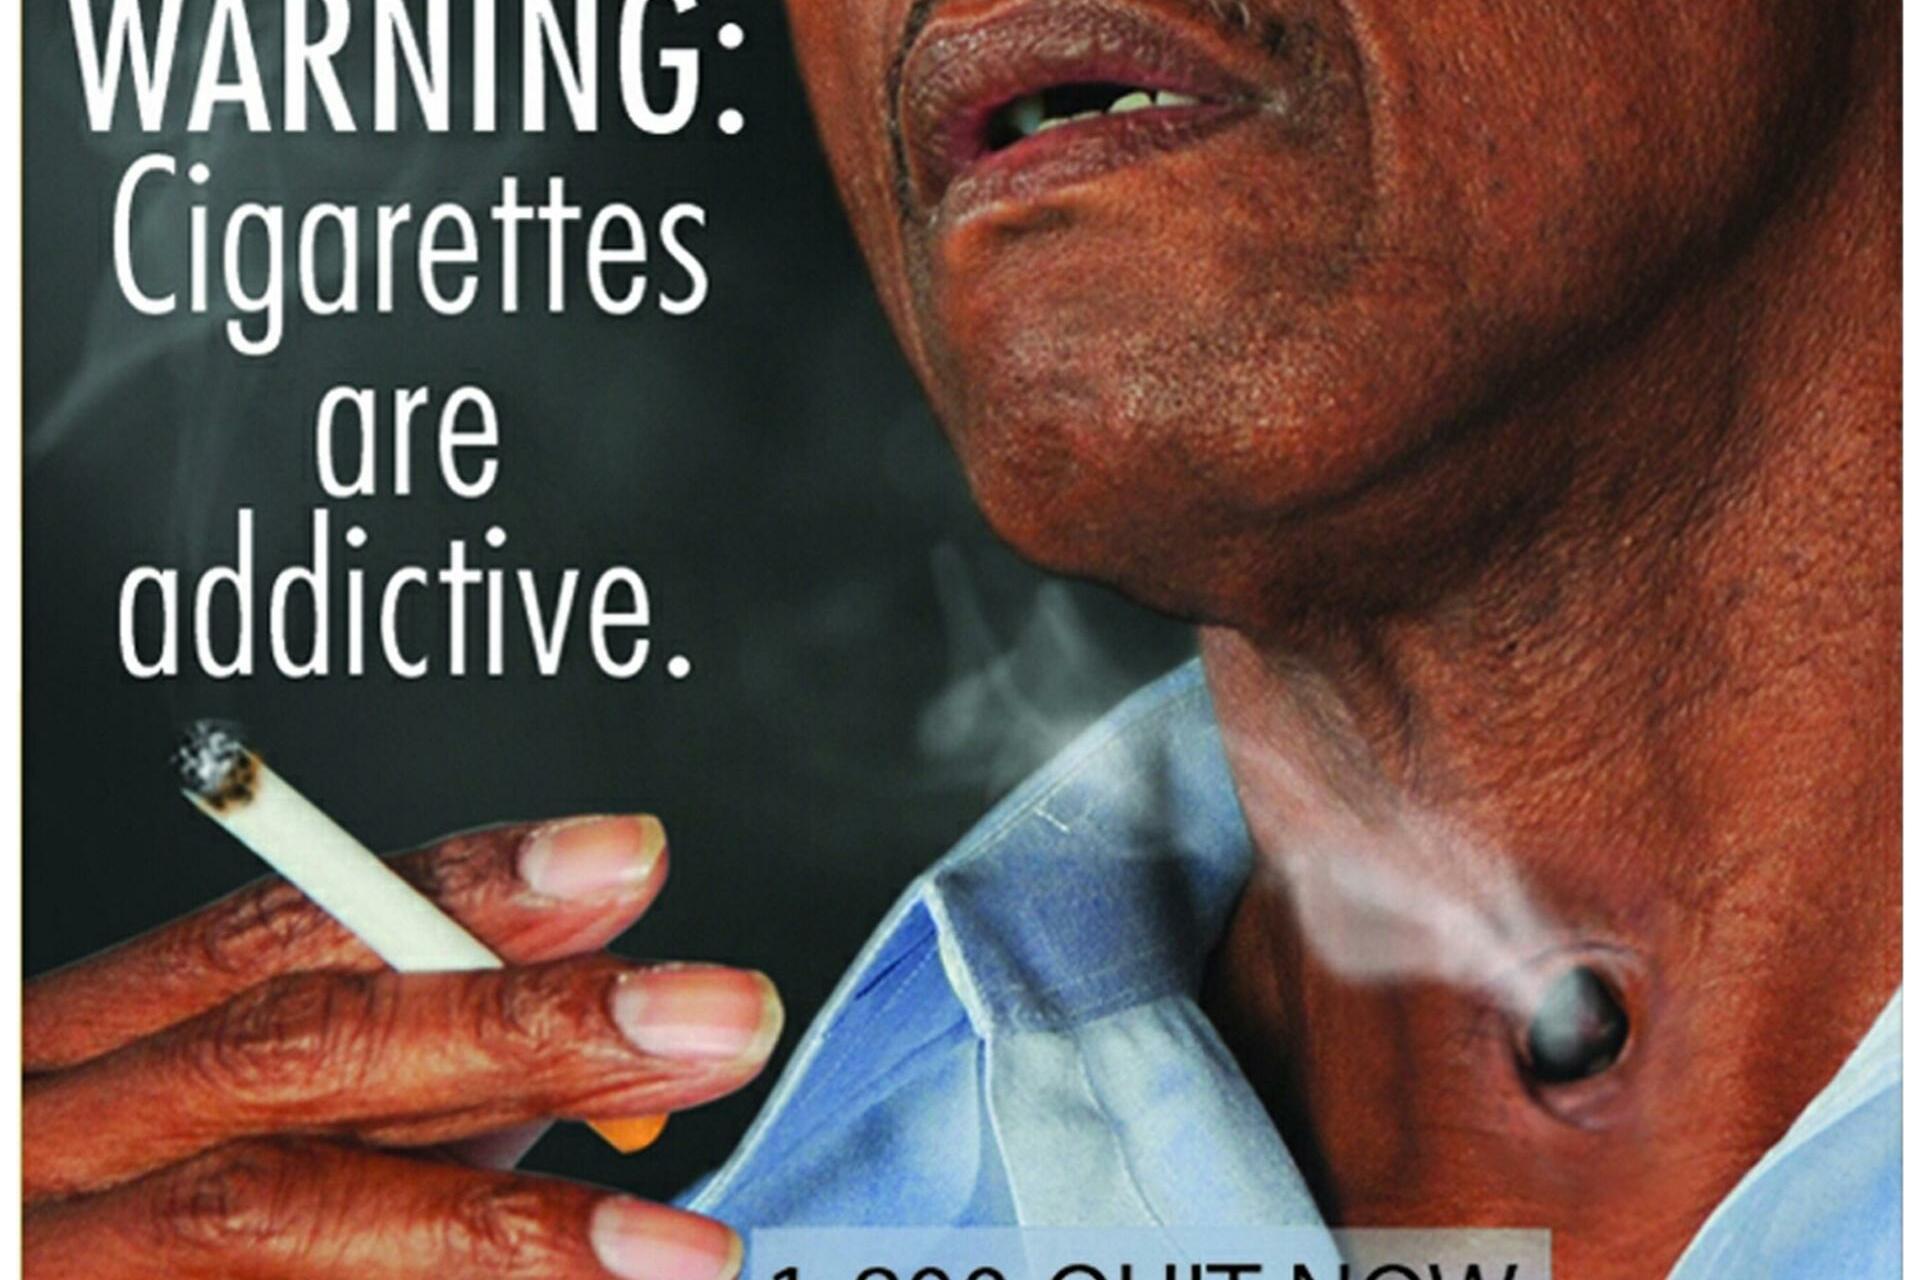 Hat Rauchen aufgegeben was und zu trinken essen